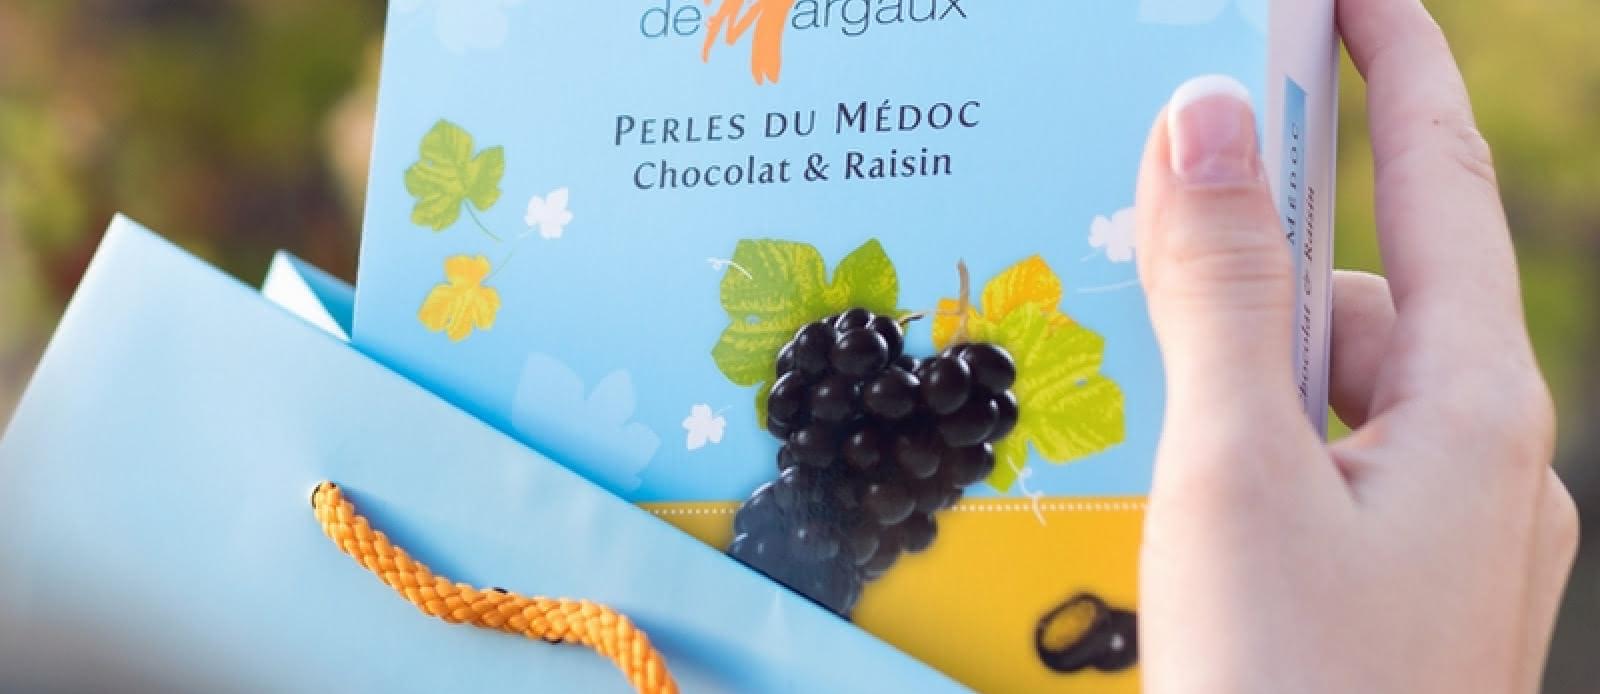 perles-vignes-800x600